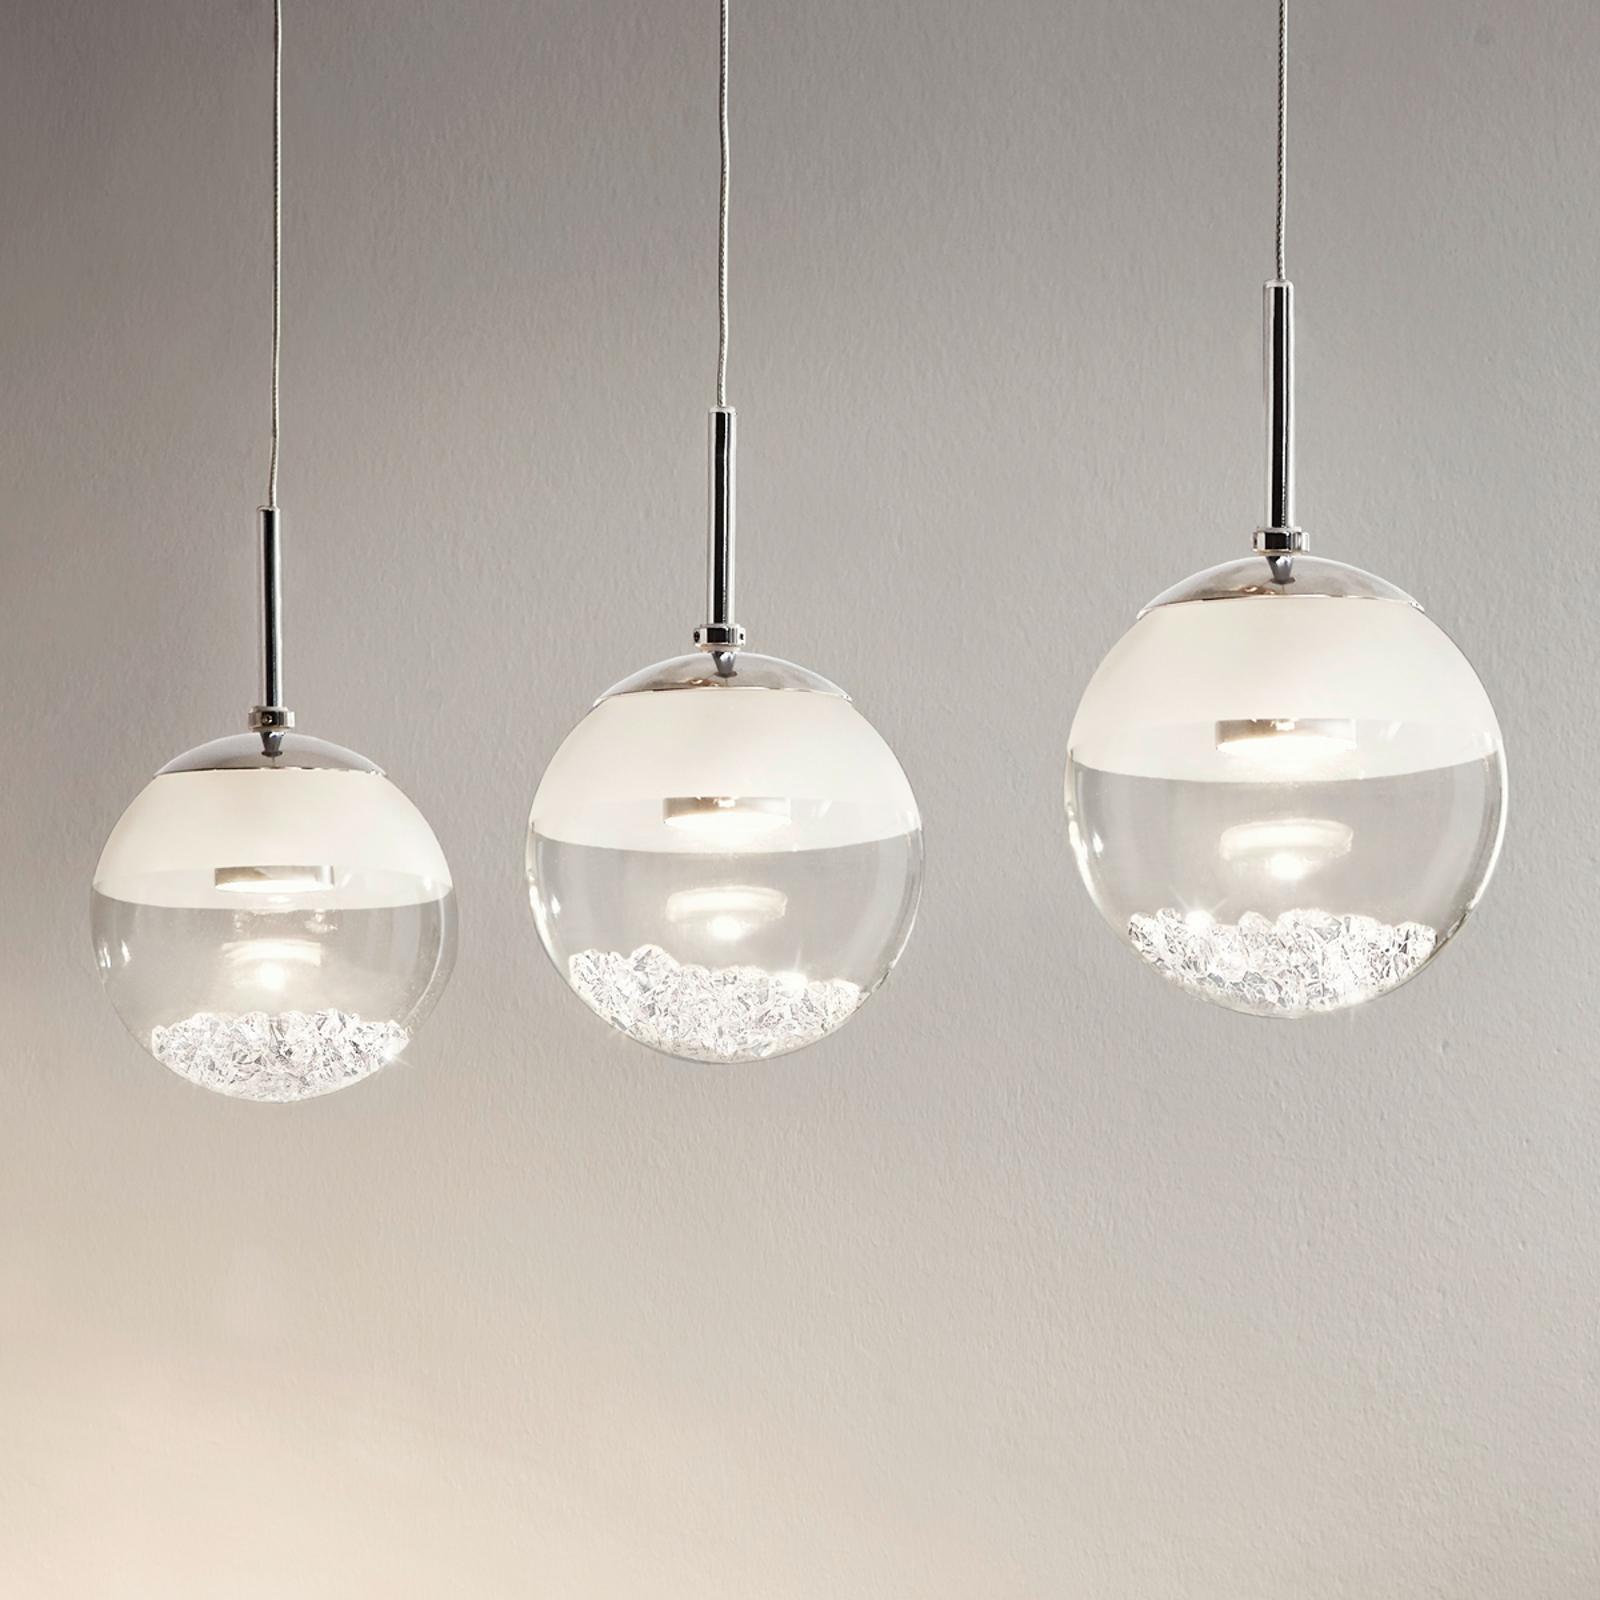 Suspension LED allongée Montefio avec cristal